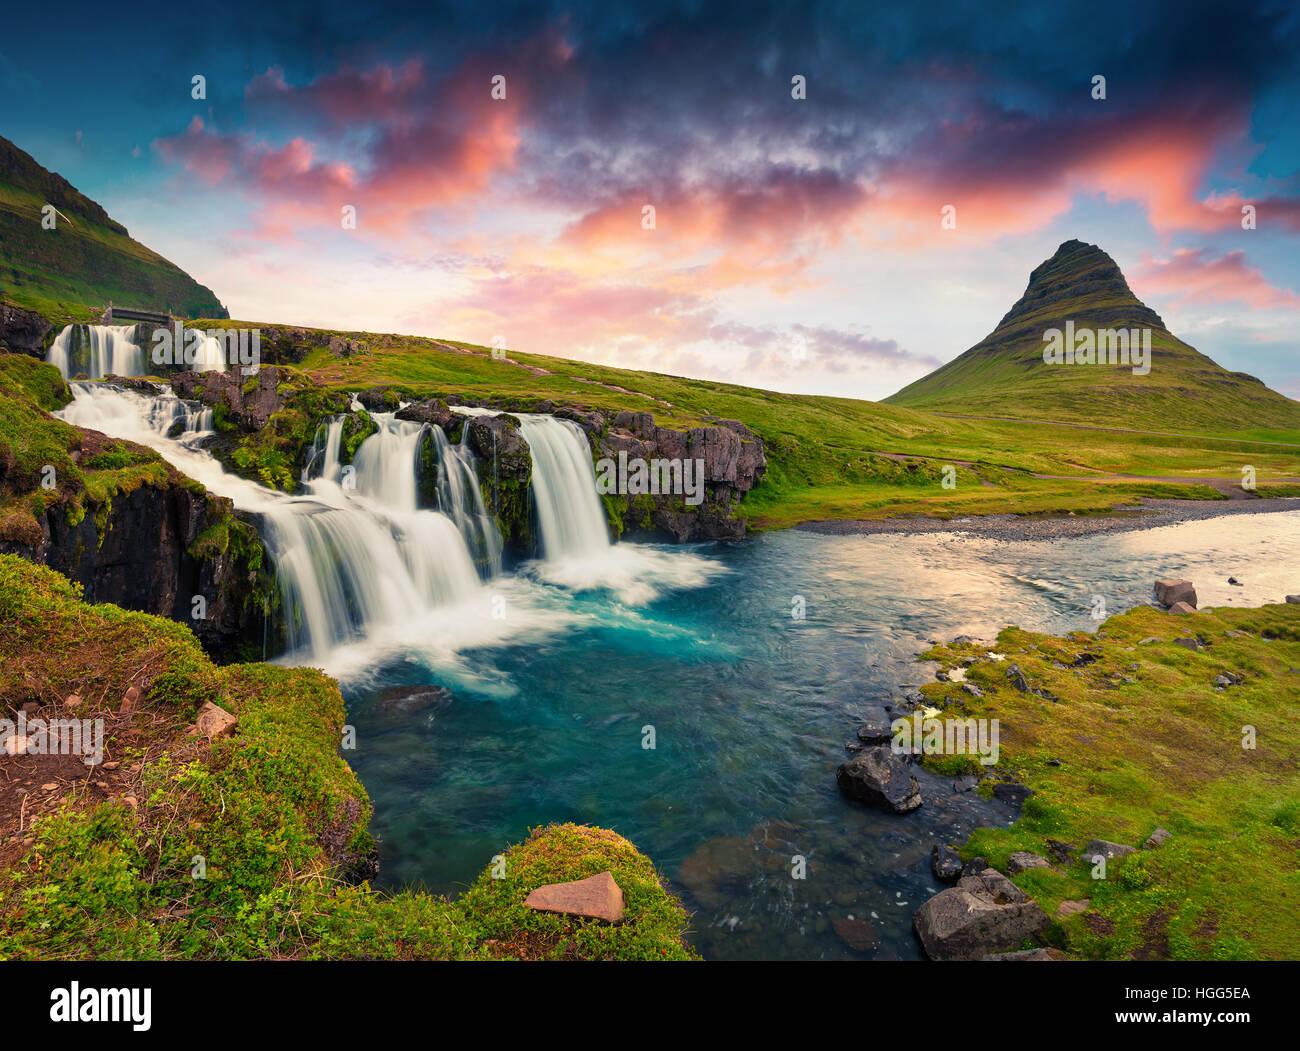 Estate tramonto sulla famosa cascata Kirkjufellsfoss Kirkjufell e montagna. Serata colorata scena sulla penisola Immagini Stock